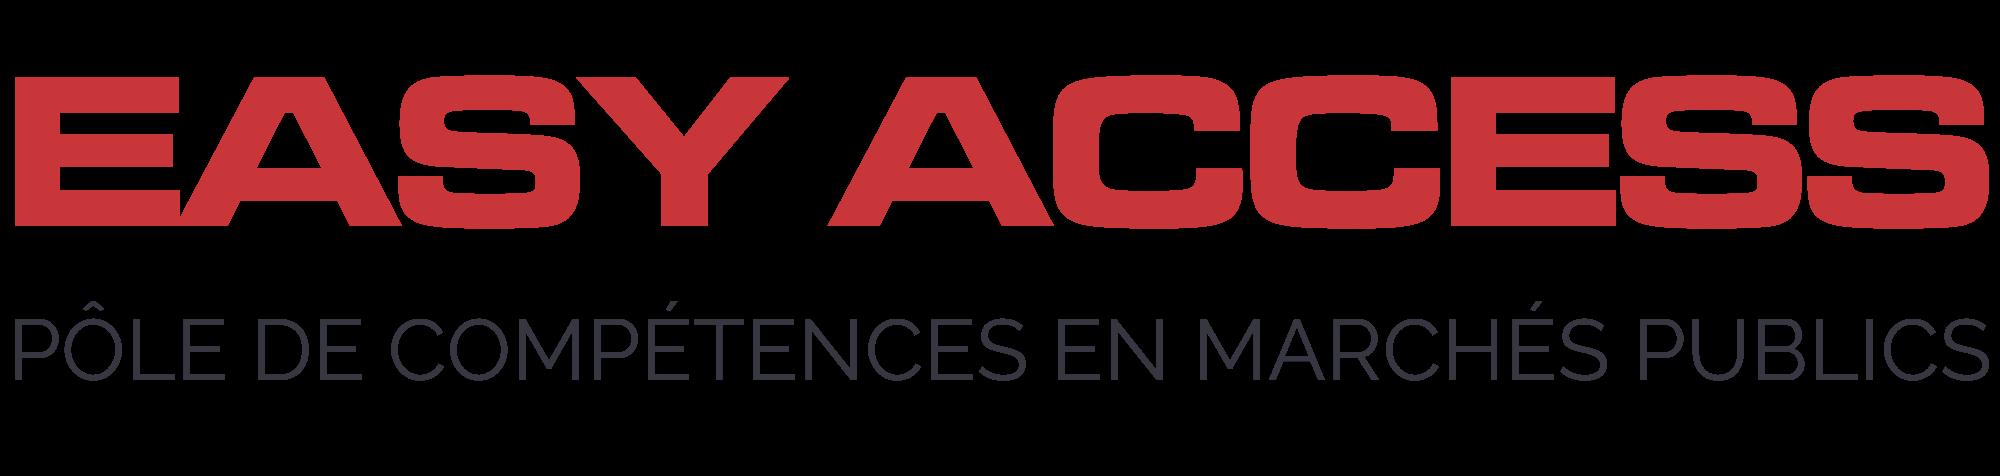 EASY ACCESS - Vous aidez à remporter un/vos marchés publics et appels d'offres et nous rédigeons un mémoire technique complet et à votre image